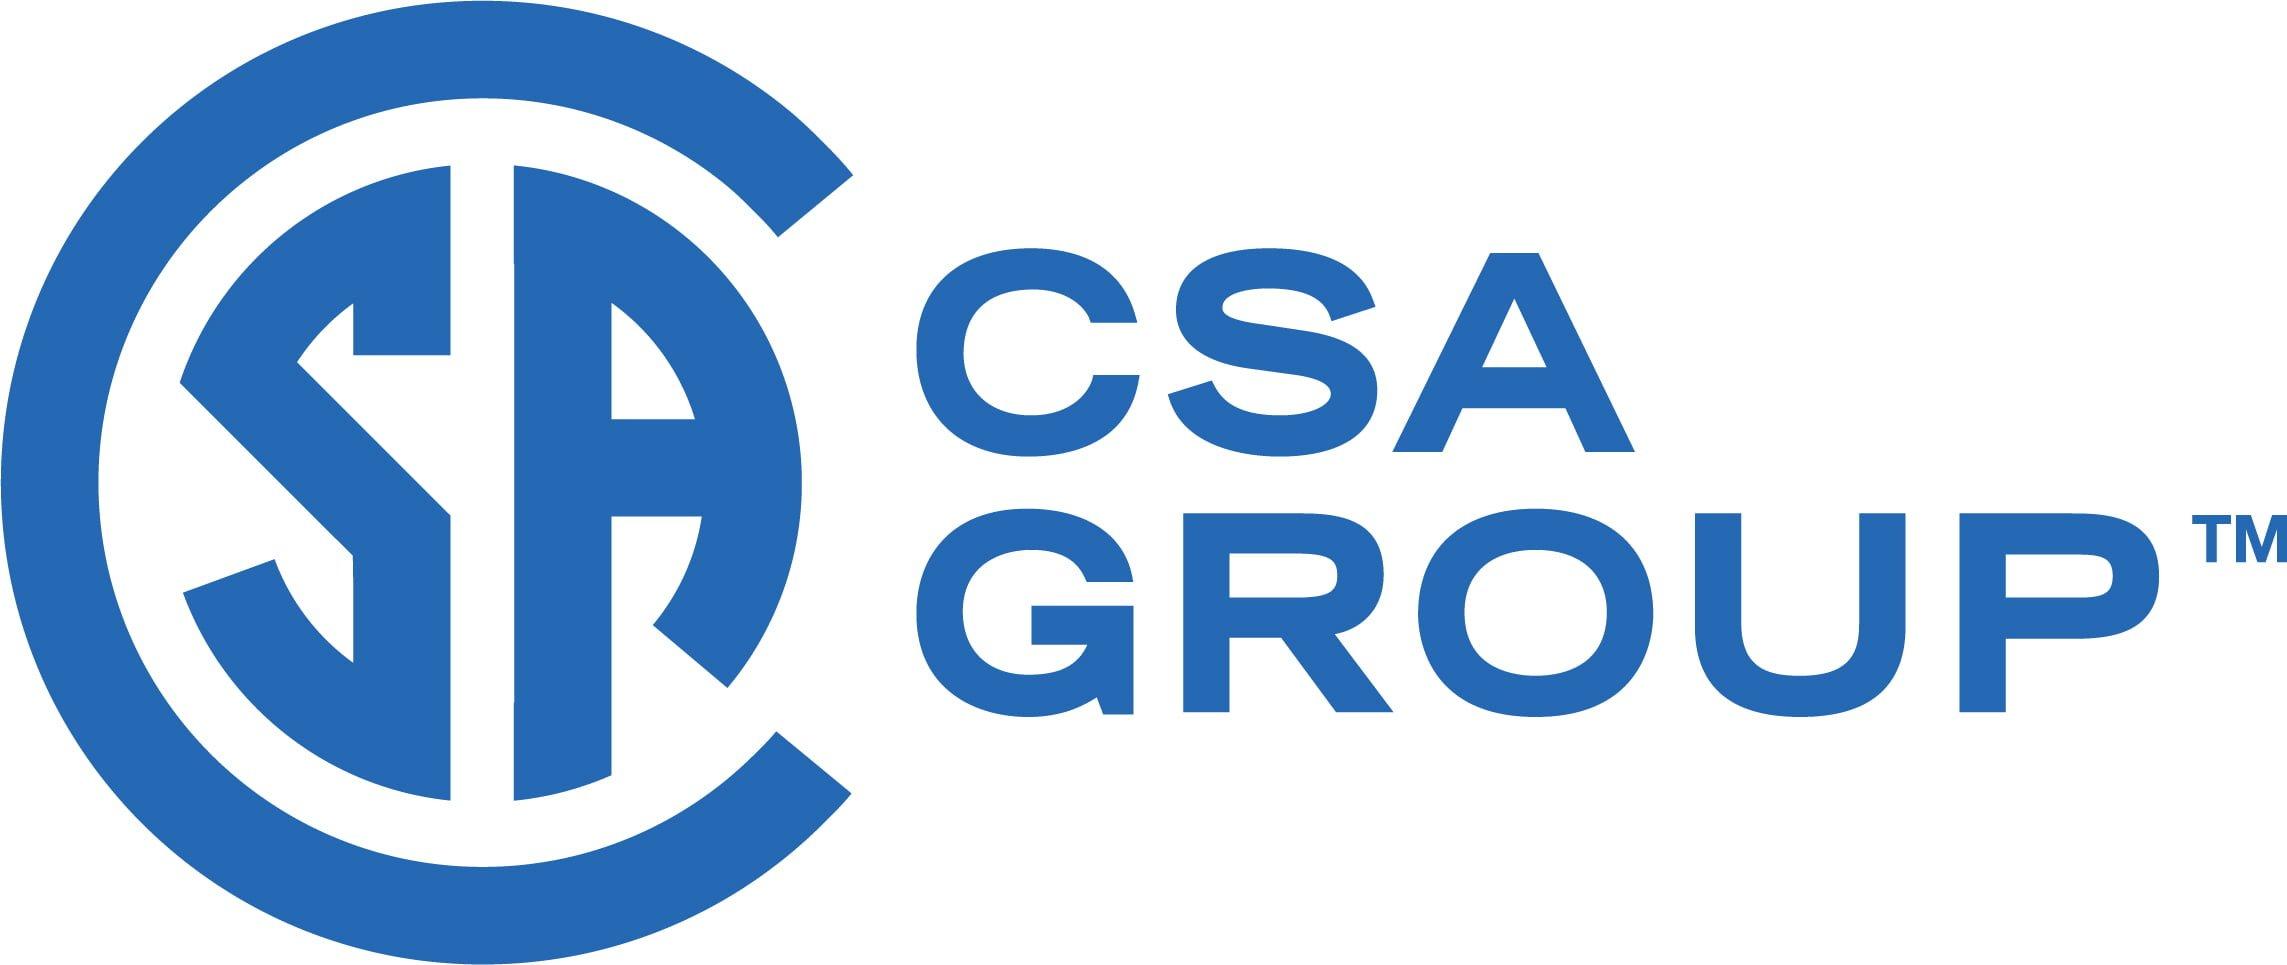 دانلود استاندارد گروه CSA -CSA Group- دانلود پکیج کامل استانداردهای CSA خرید استاندارد CSA